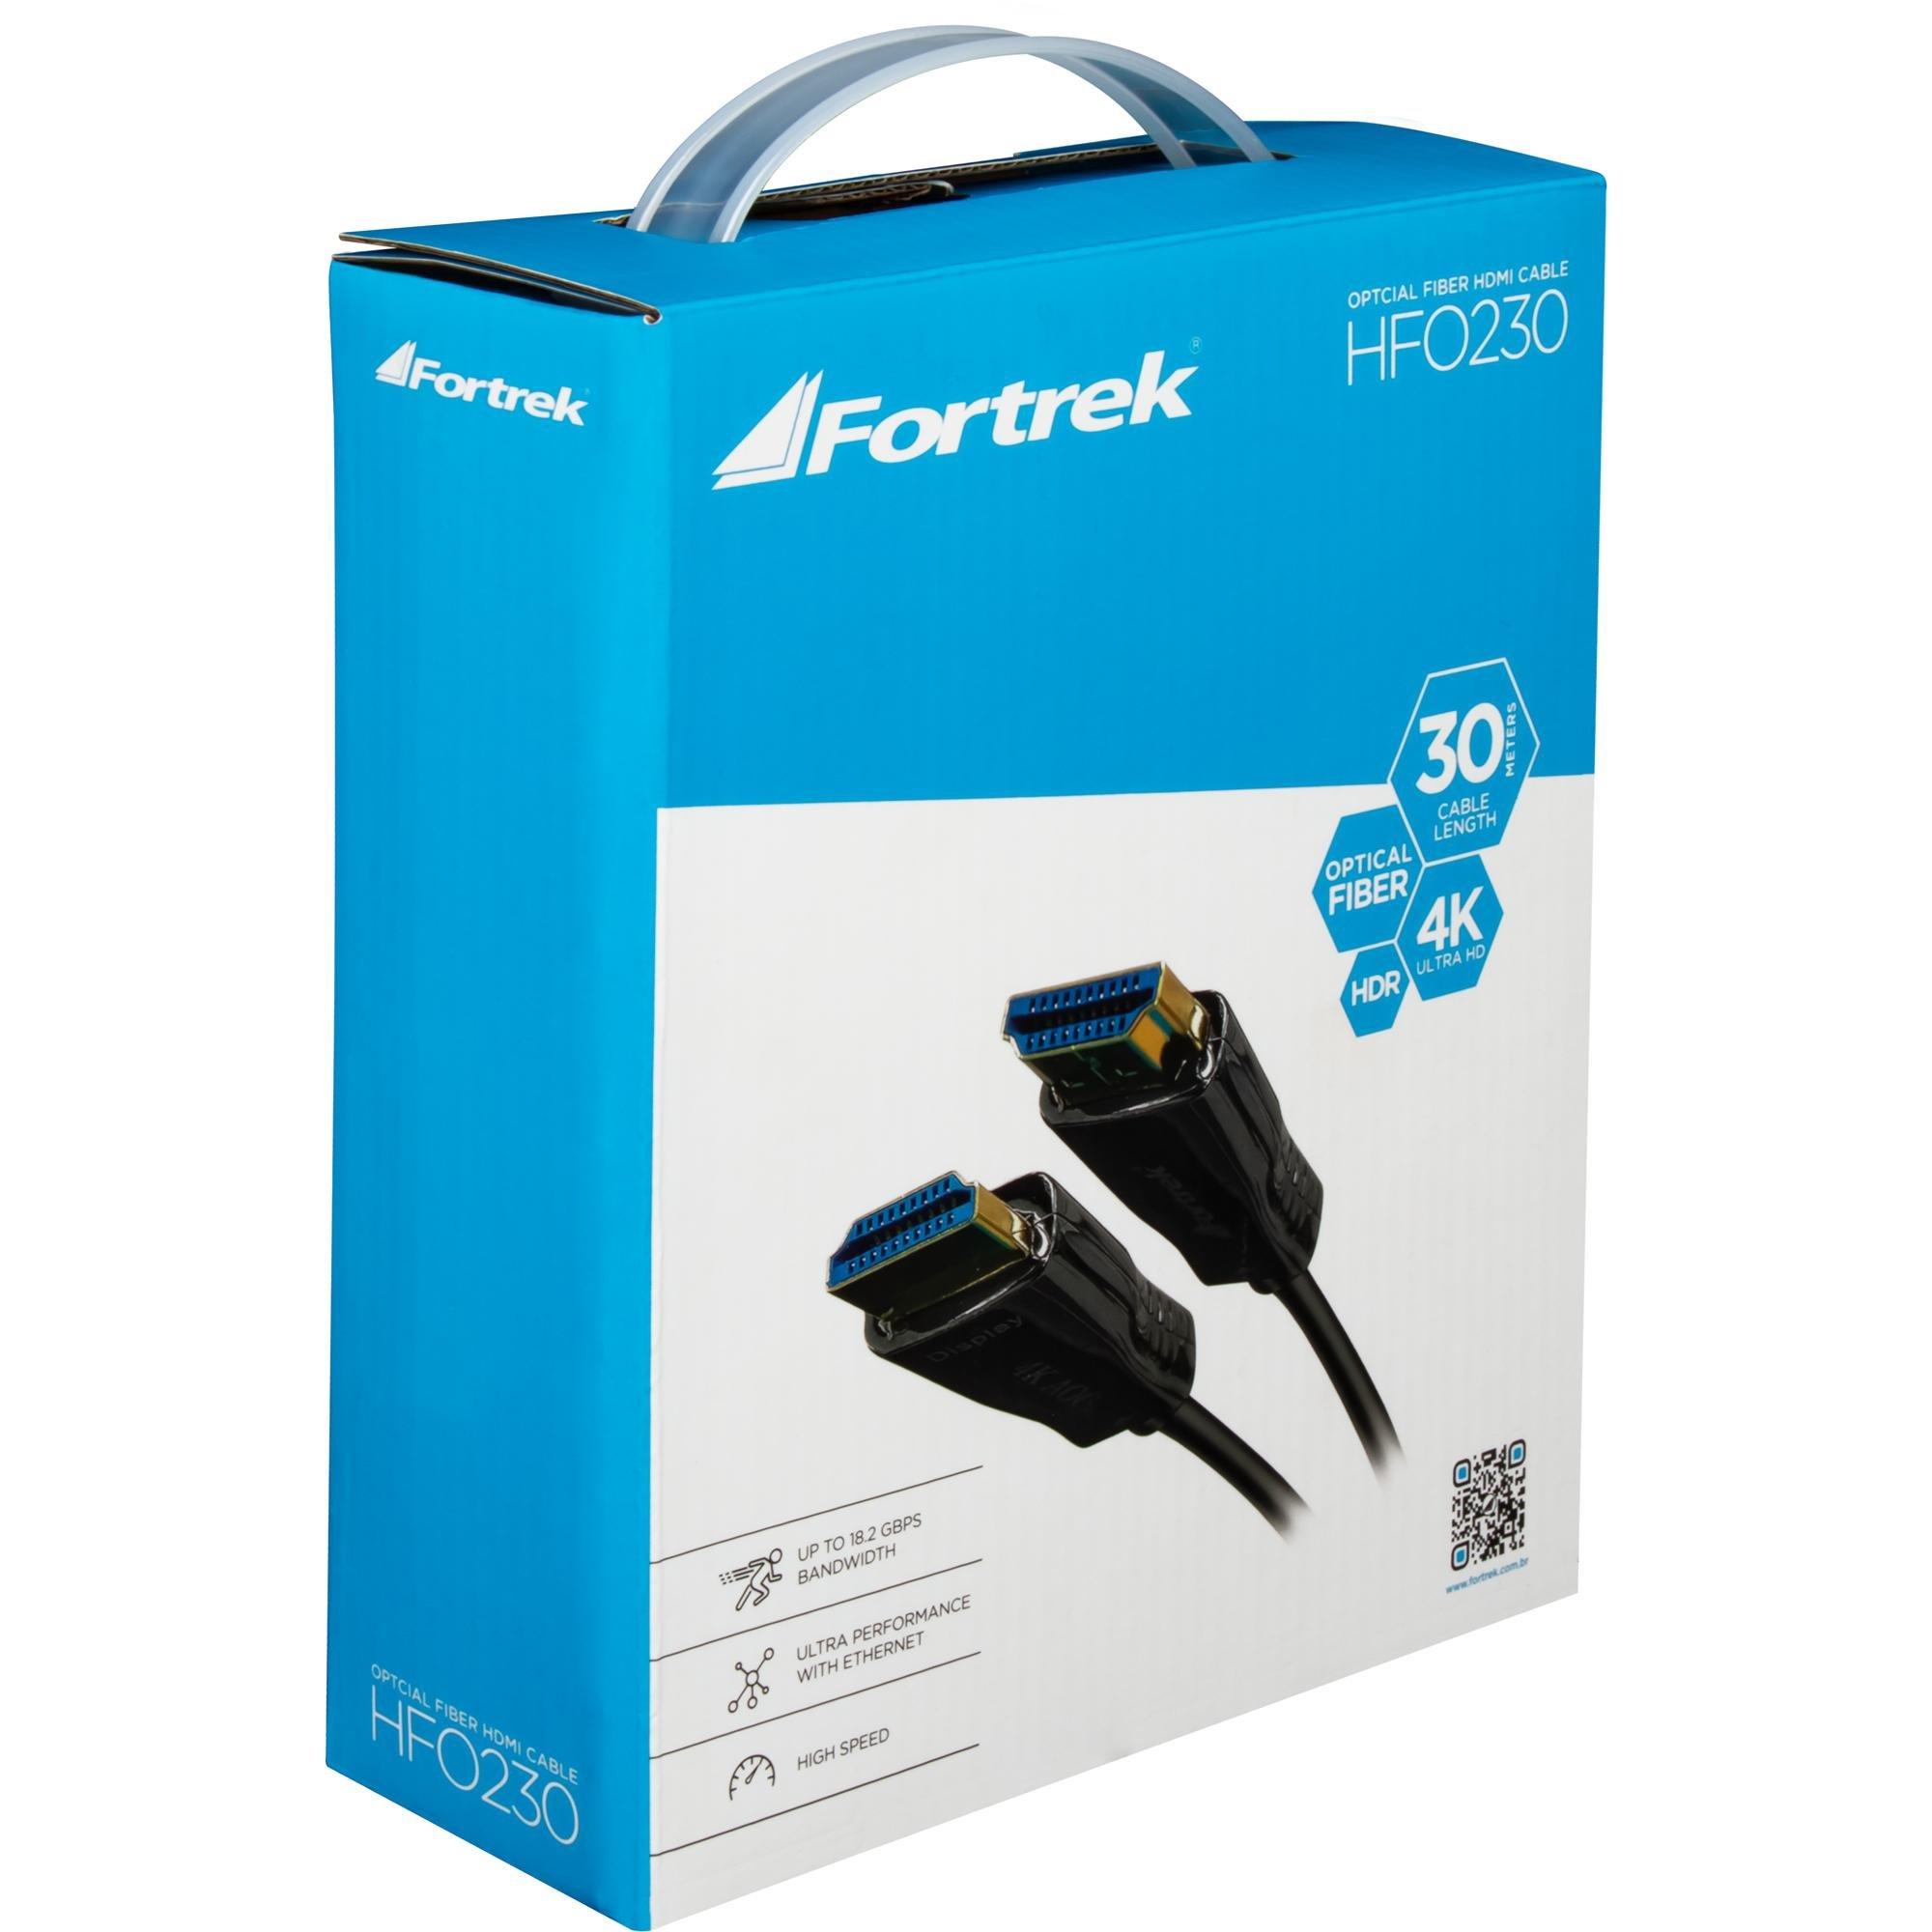 Cabo HDMI Fibra Optica 2.0 4K HFO230 30M FORTREK